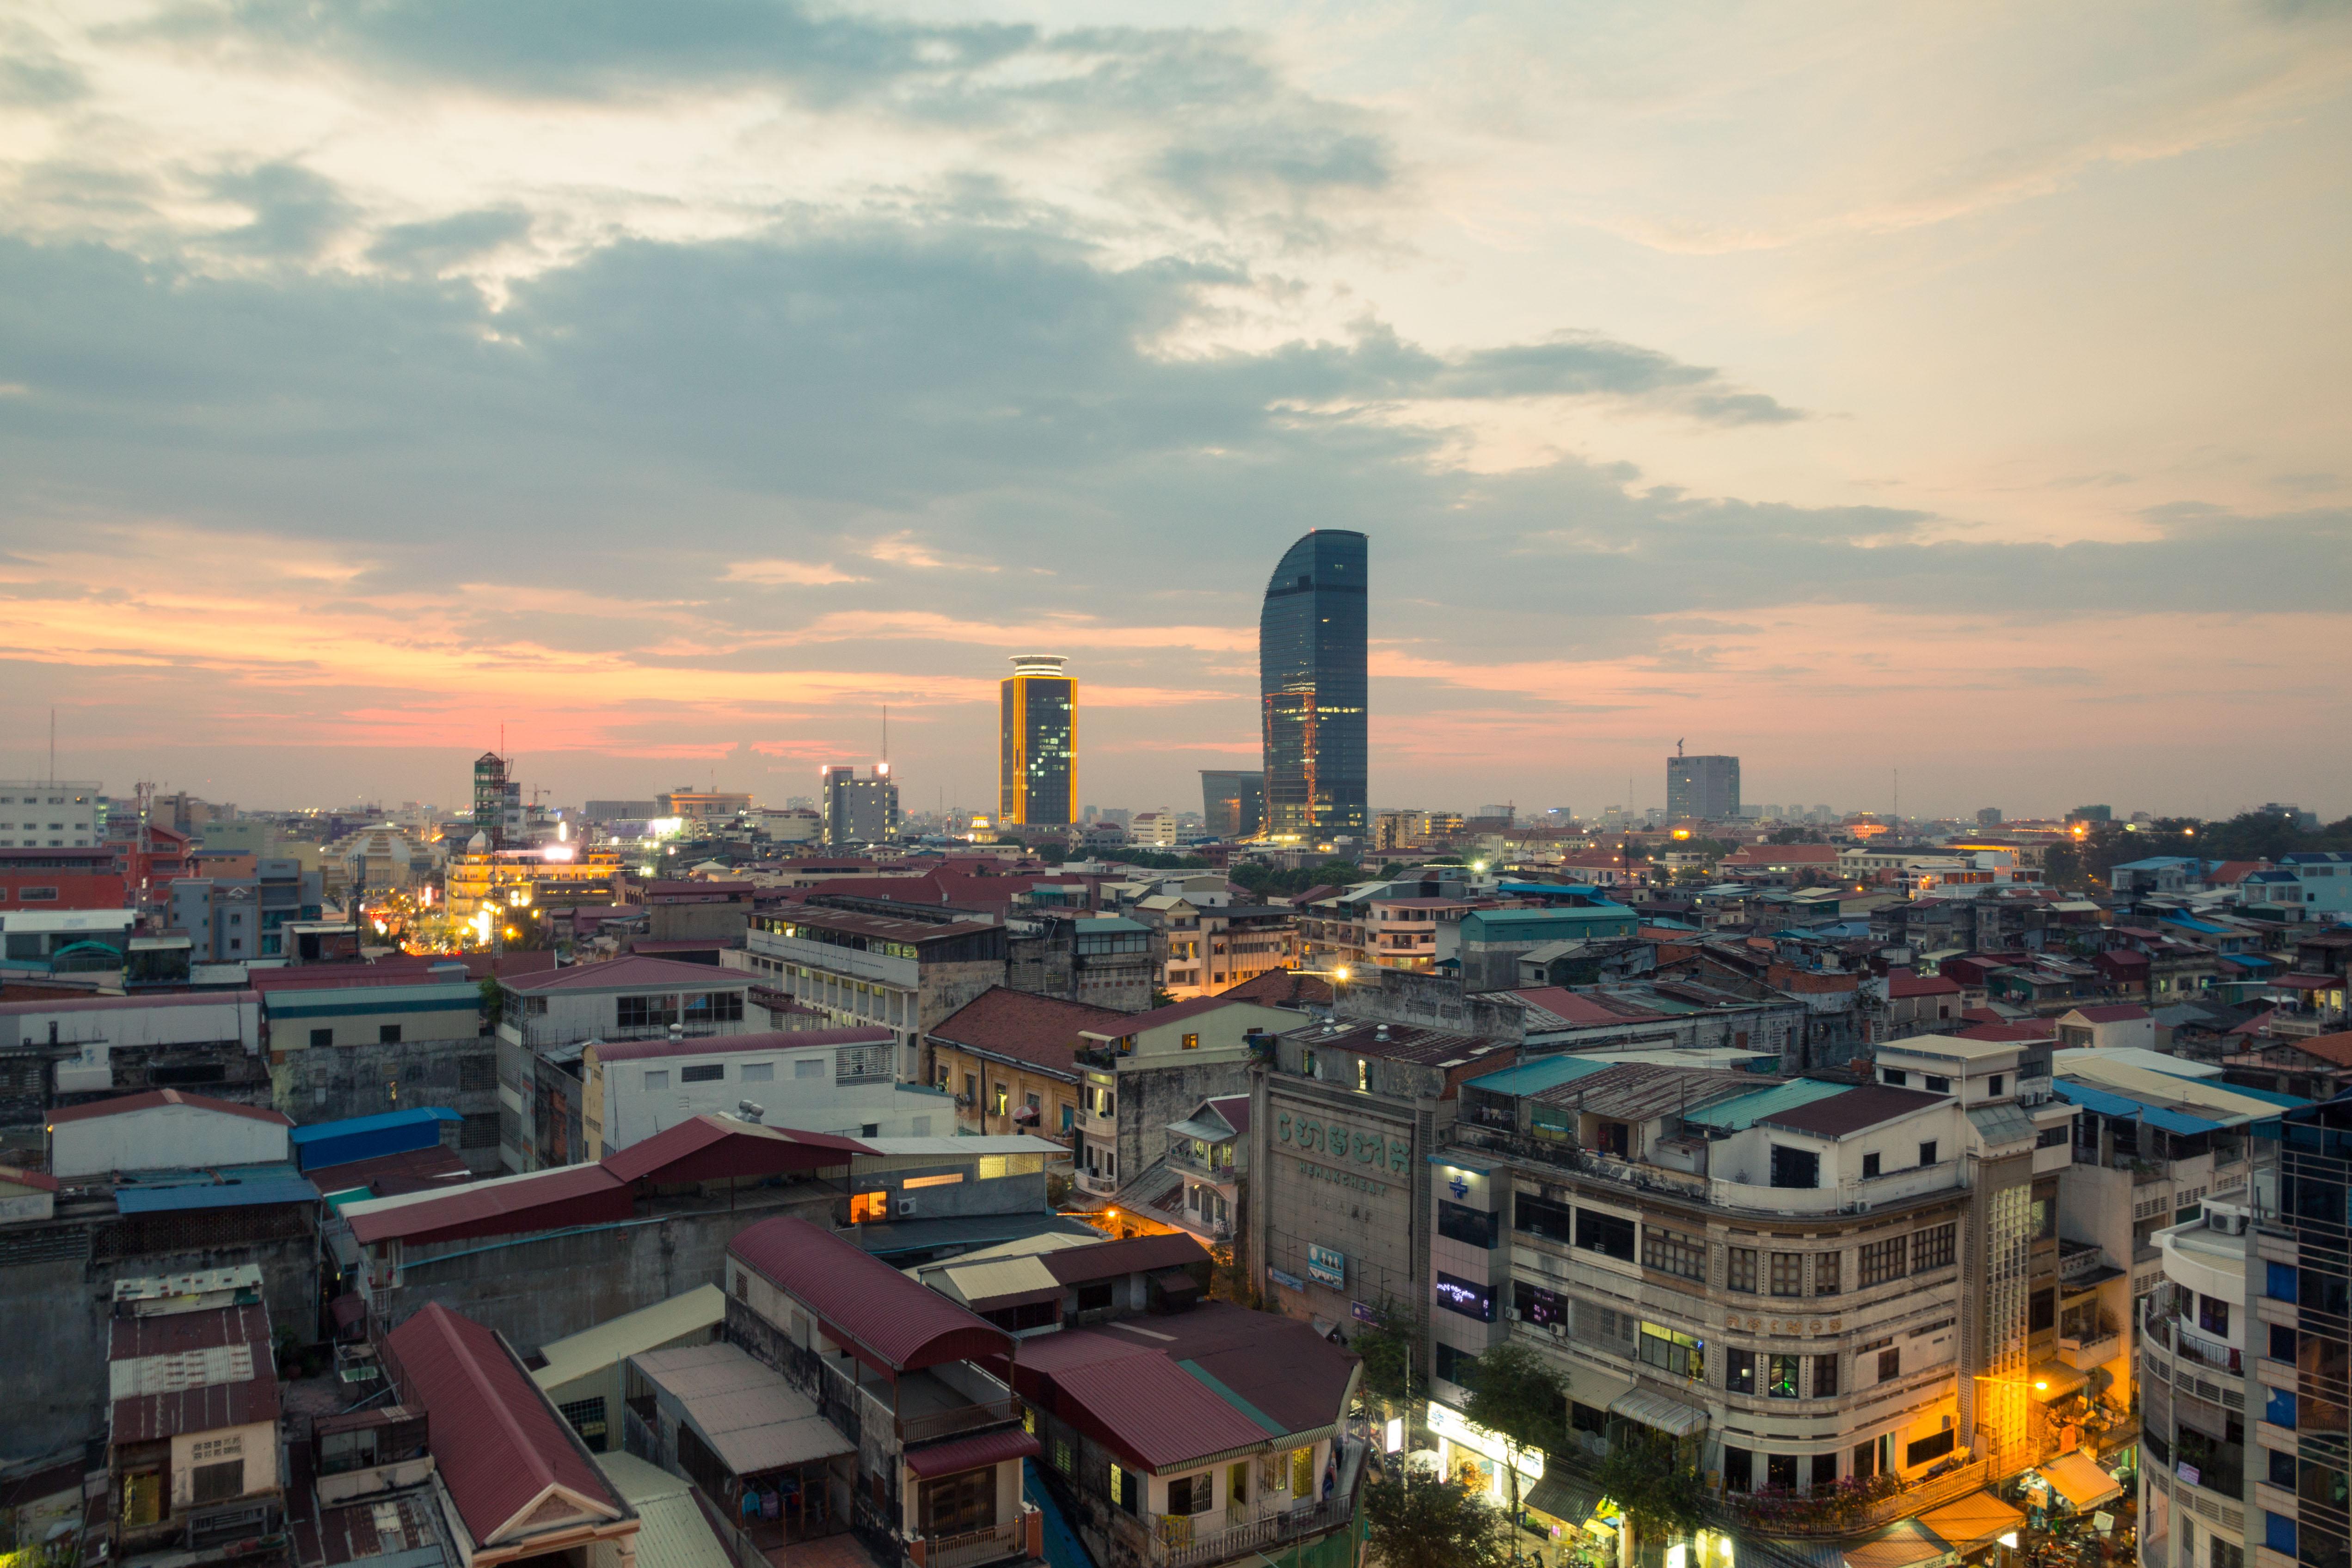 Phnom_Penh_sunset.jpg